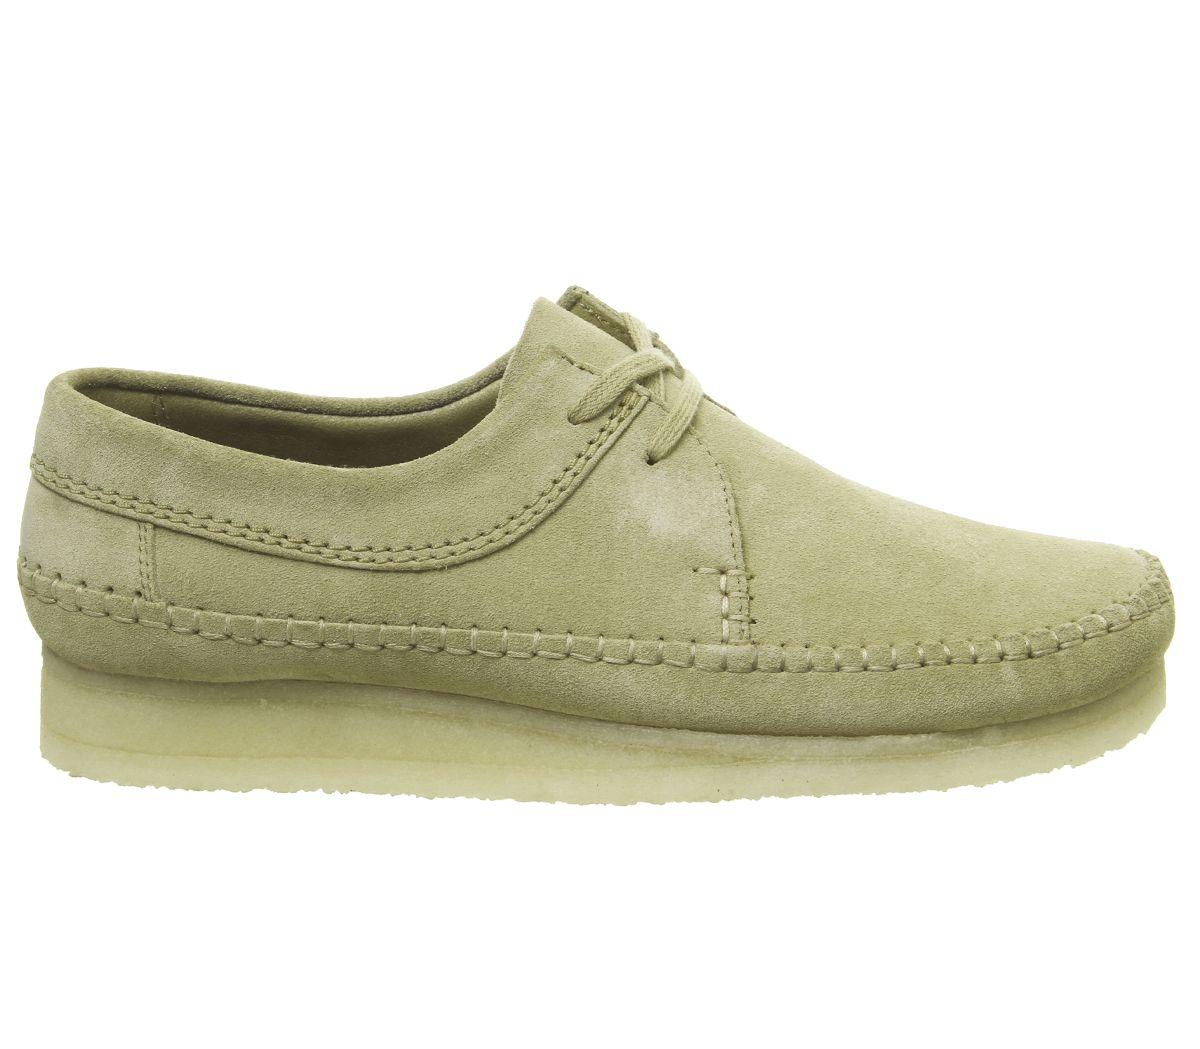 Clarks Originals Weaver Maple Herren Schuhe Online Bestellen